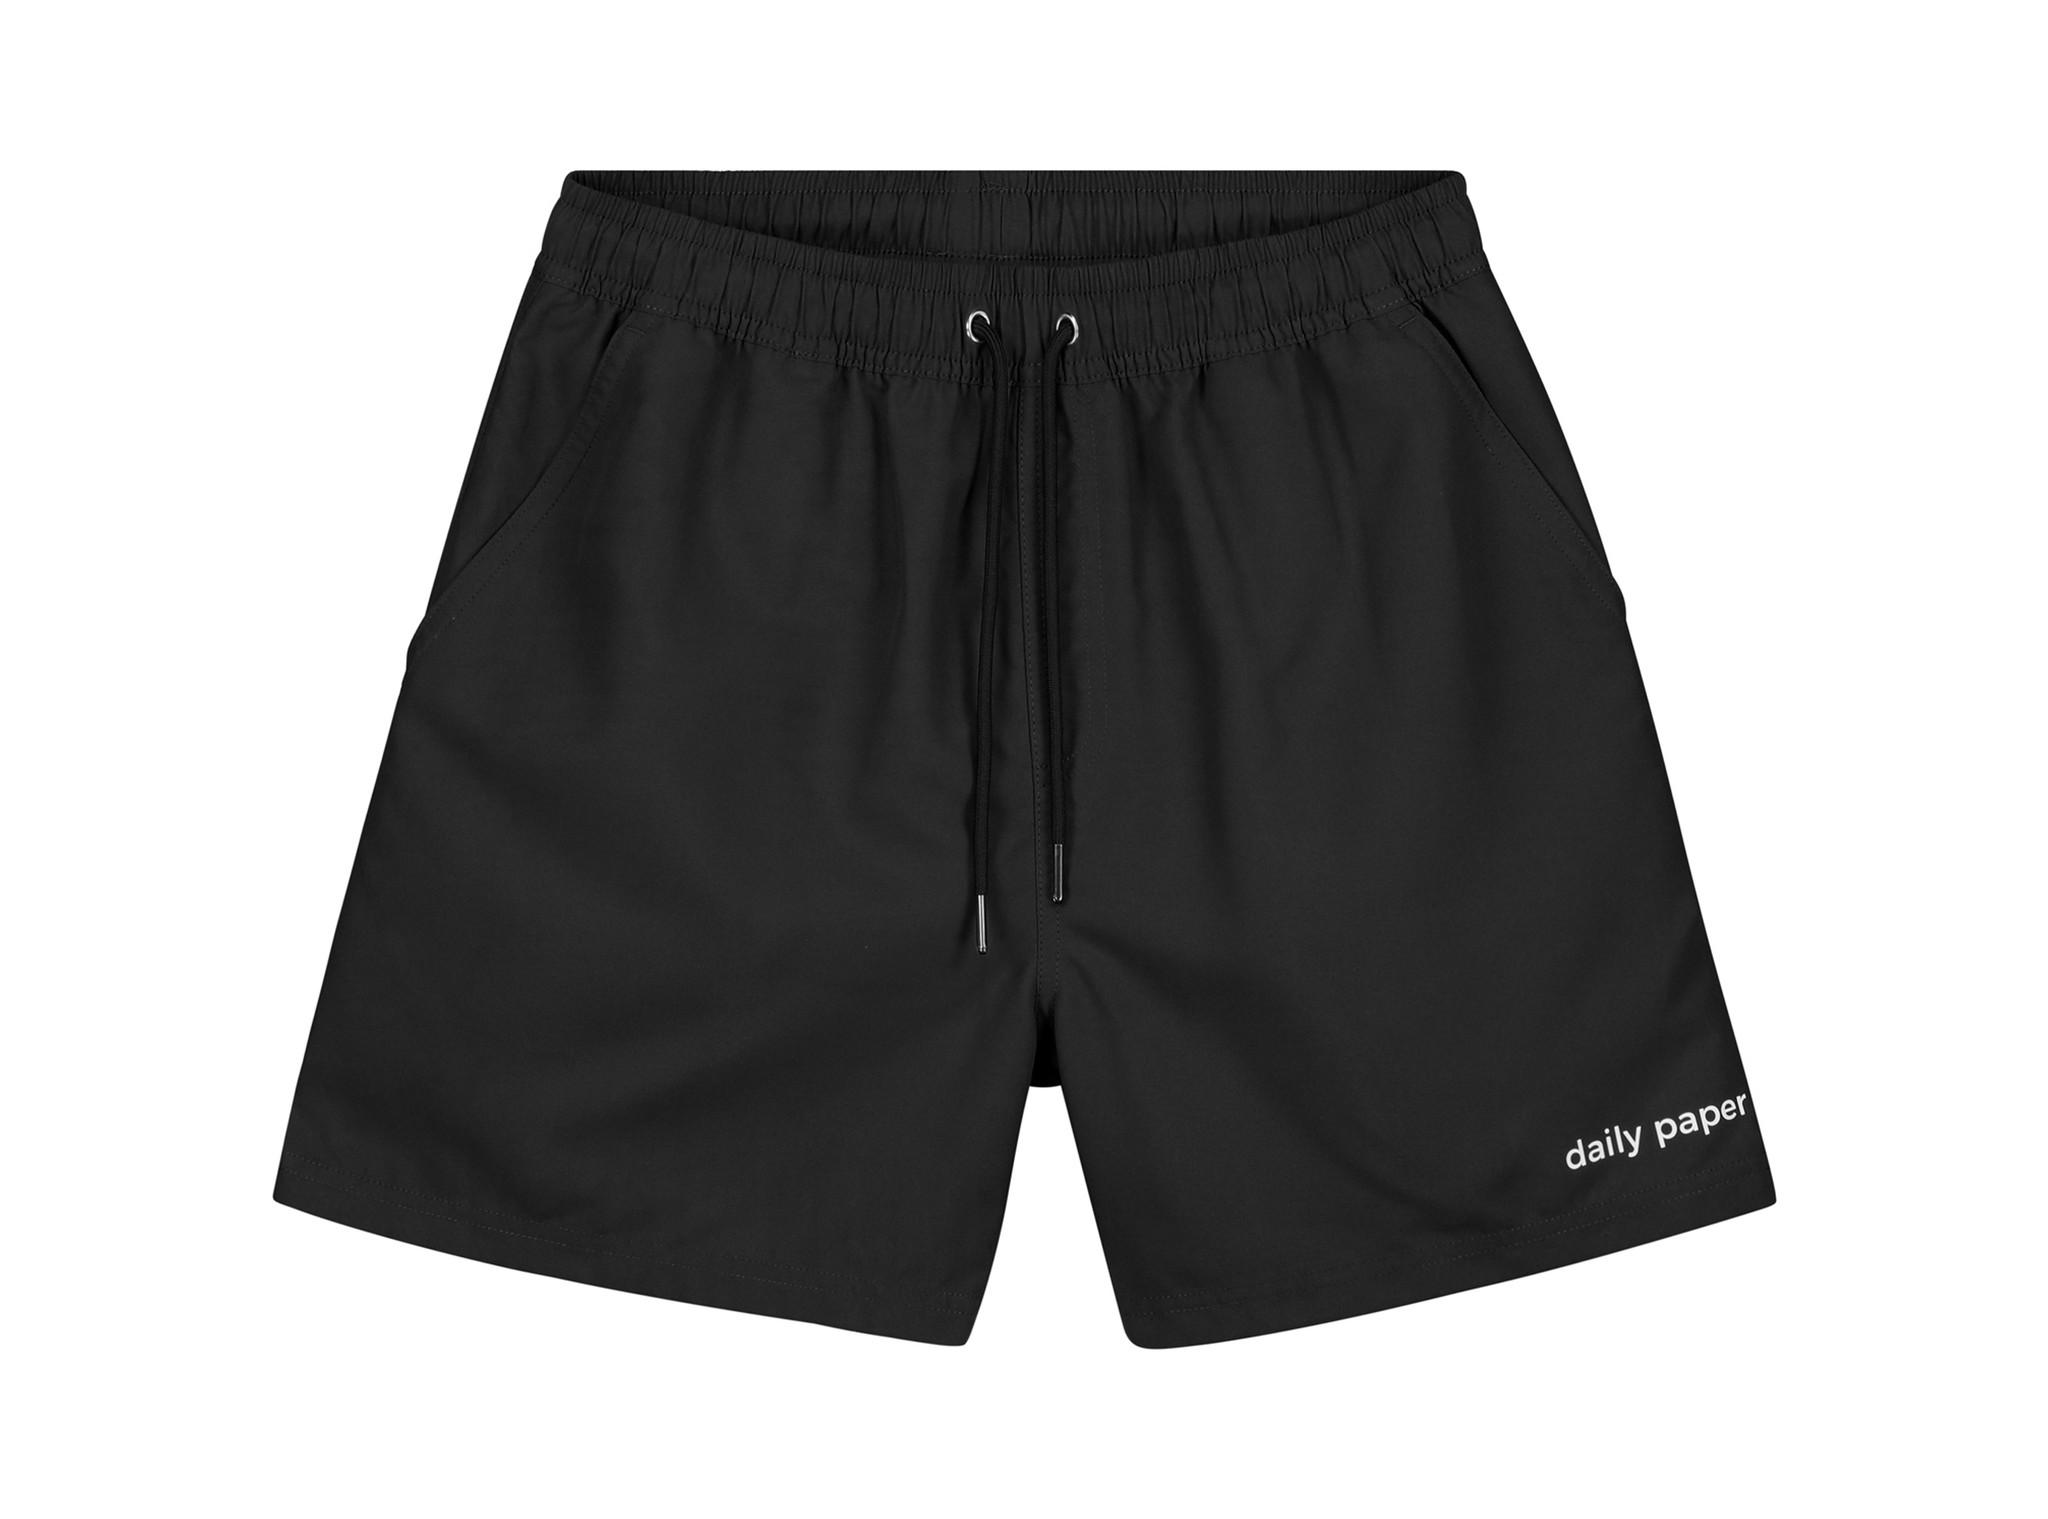 Magic Swimshort Black 19R1SH02 04